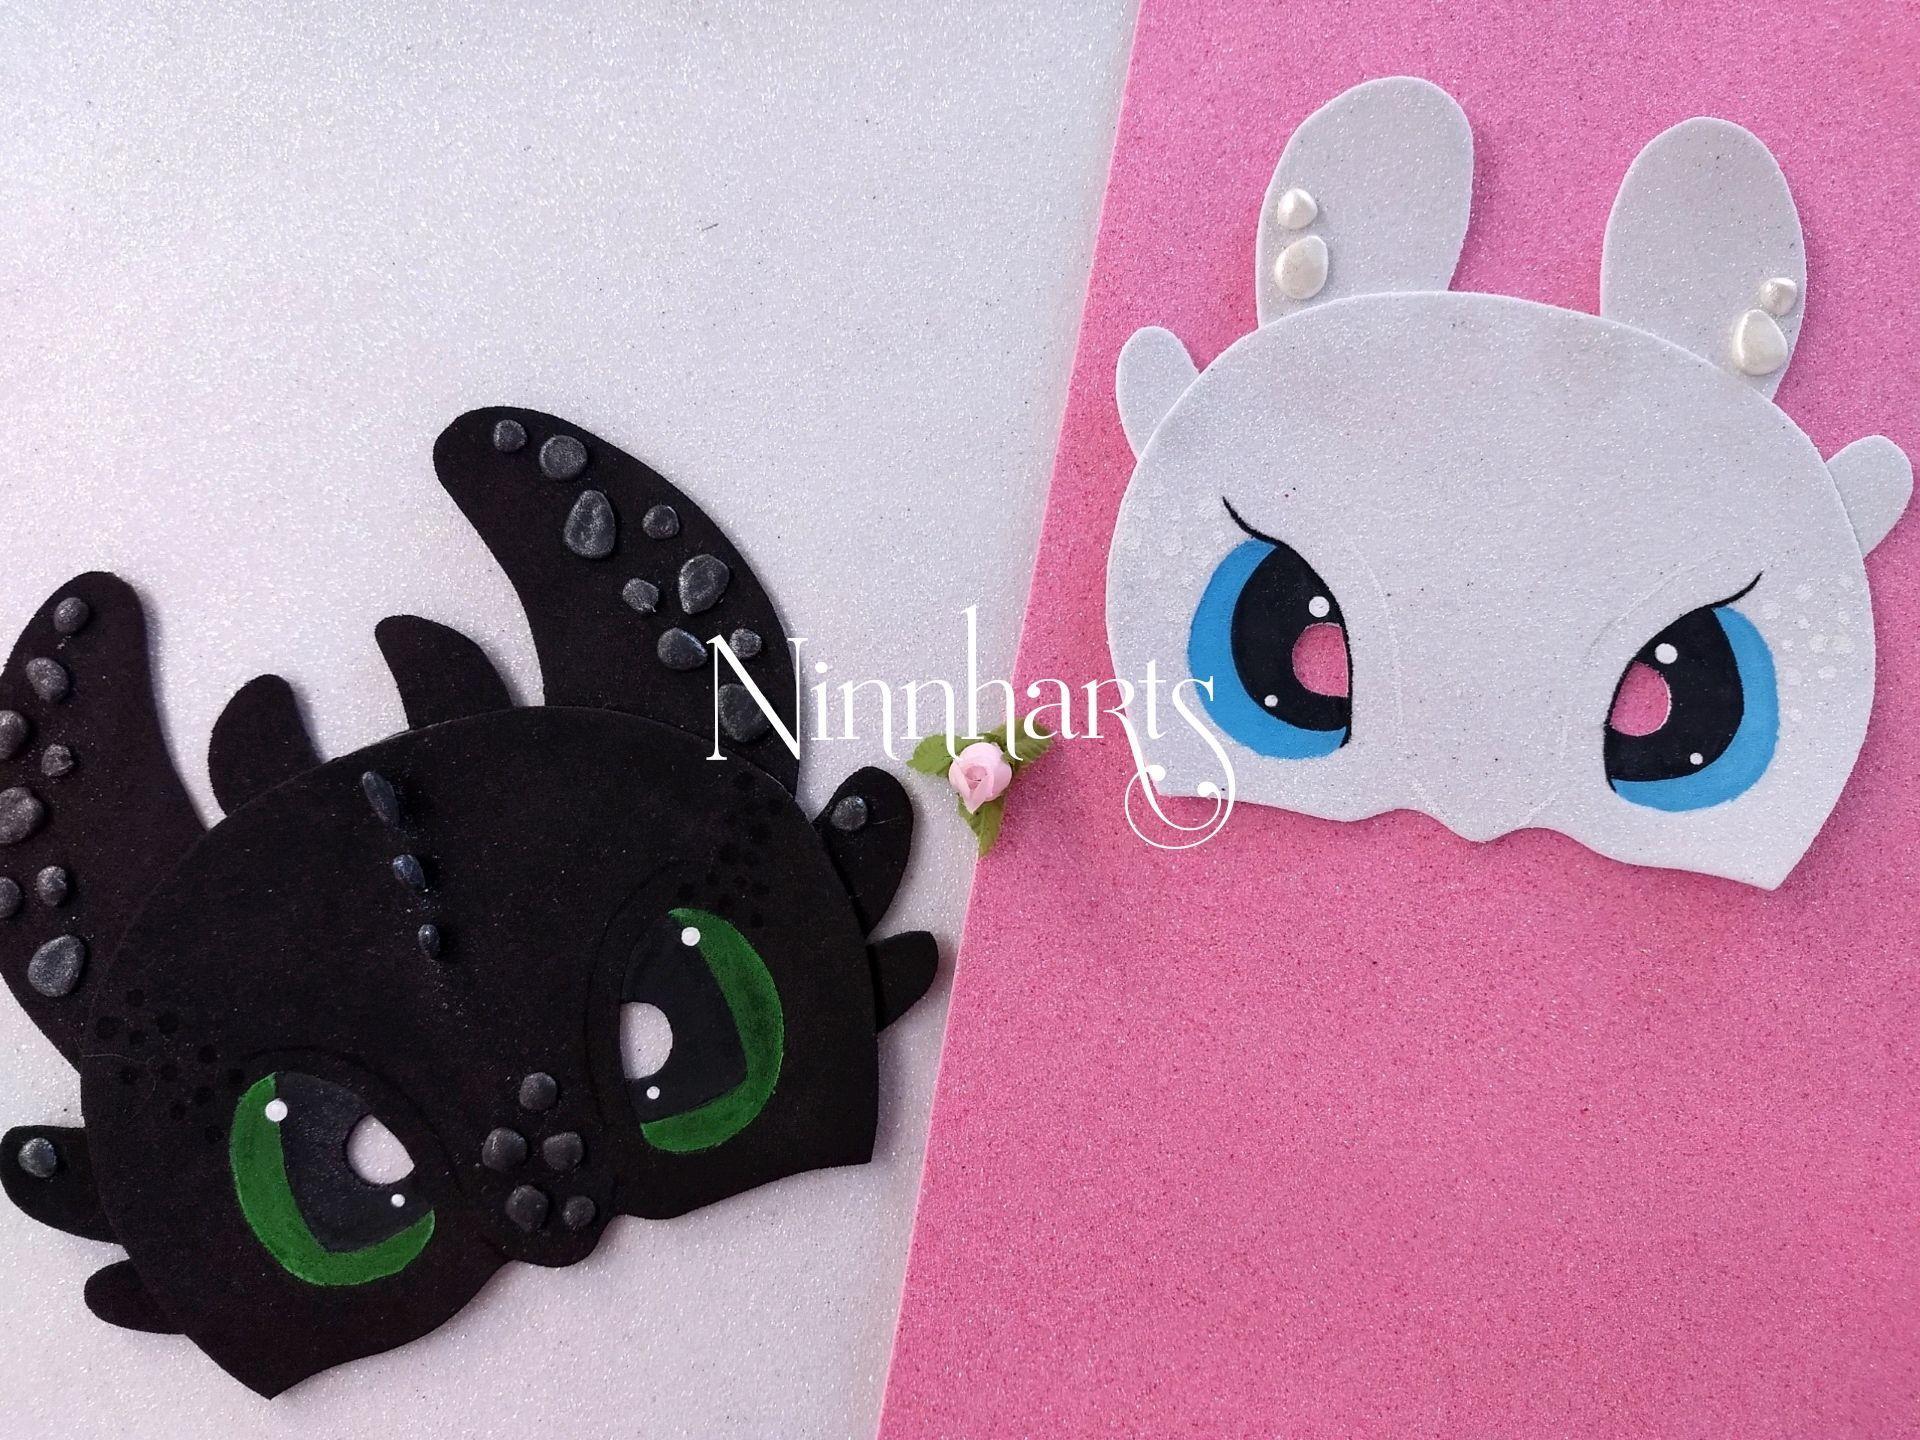 Mascaras Banguela E Furia Da Luz No Elo7 Ninnharts 10643df